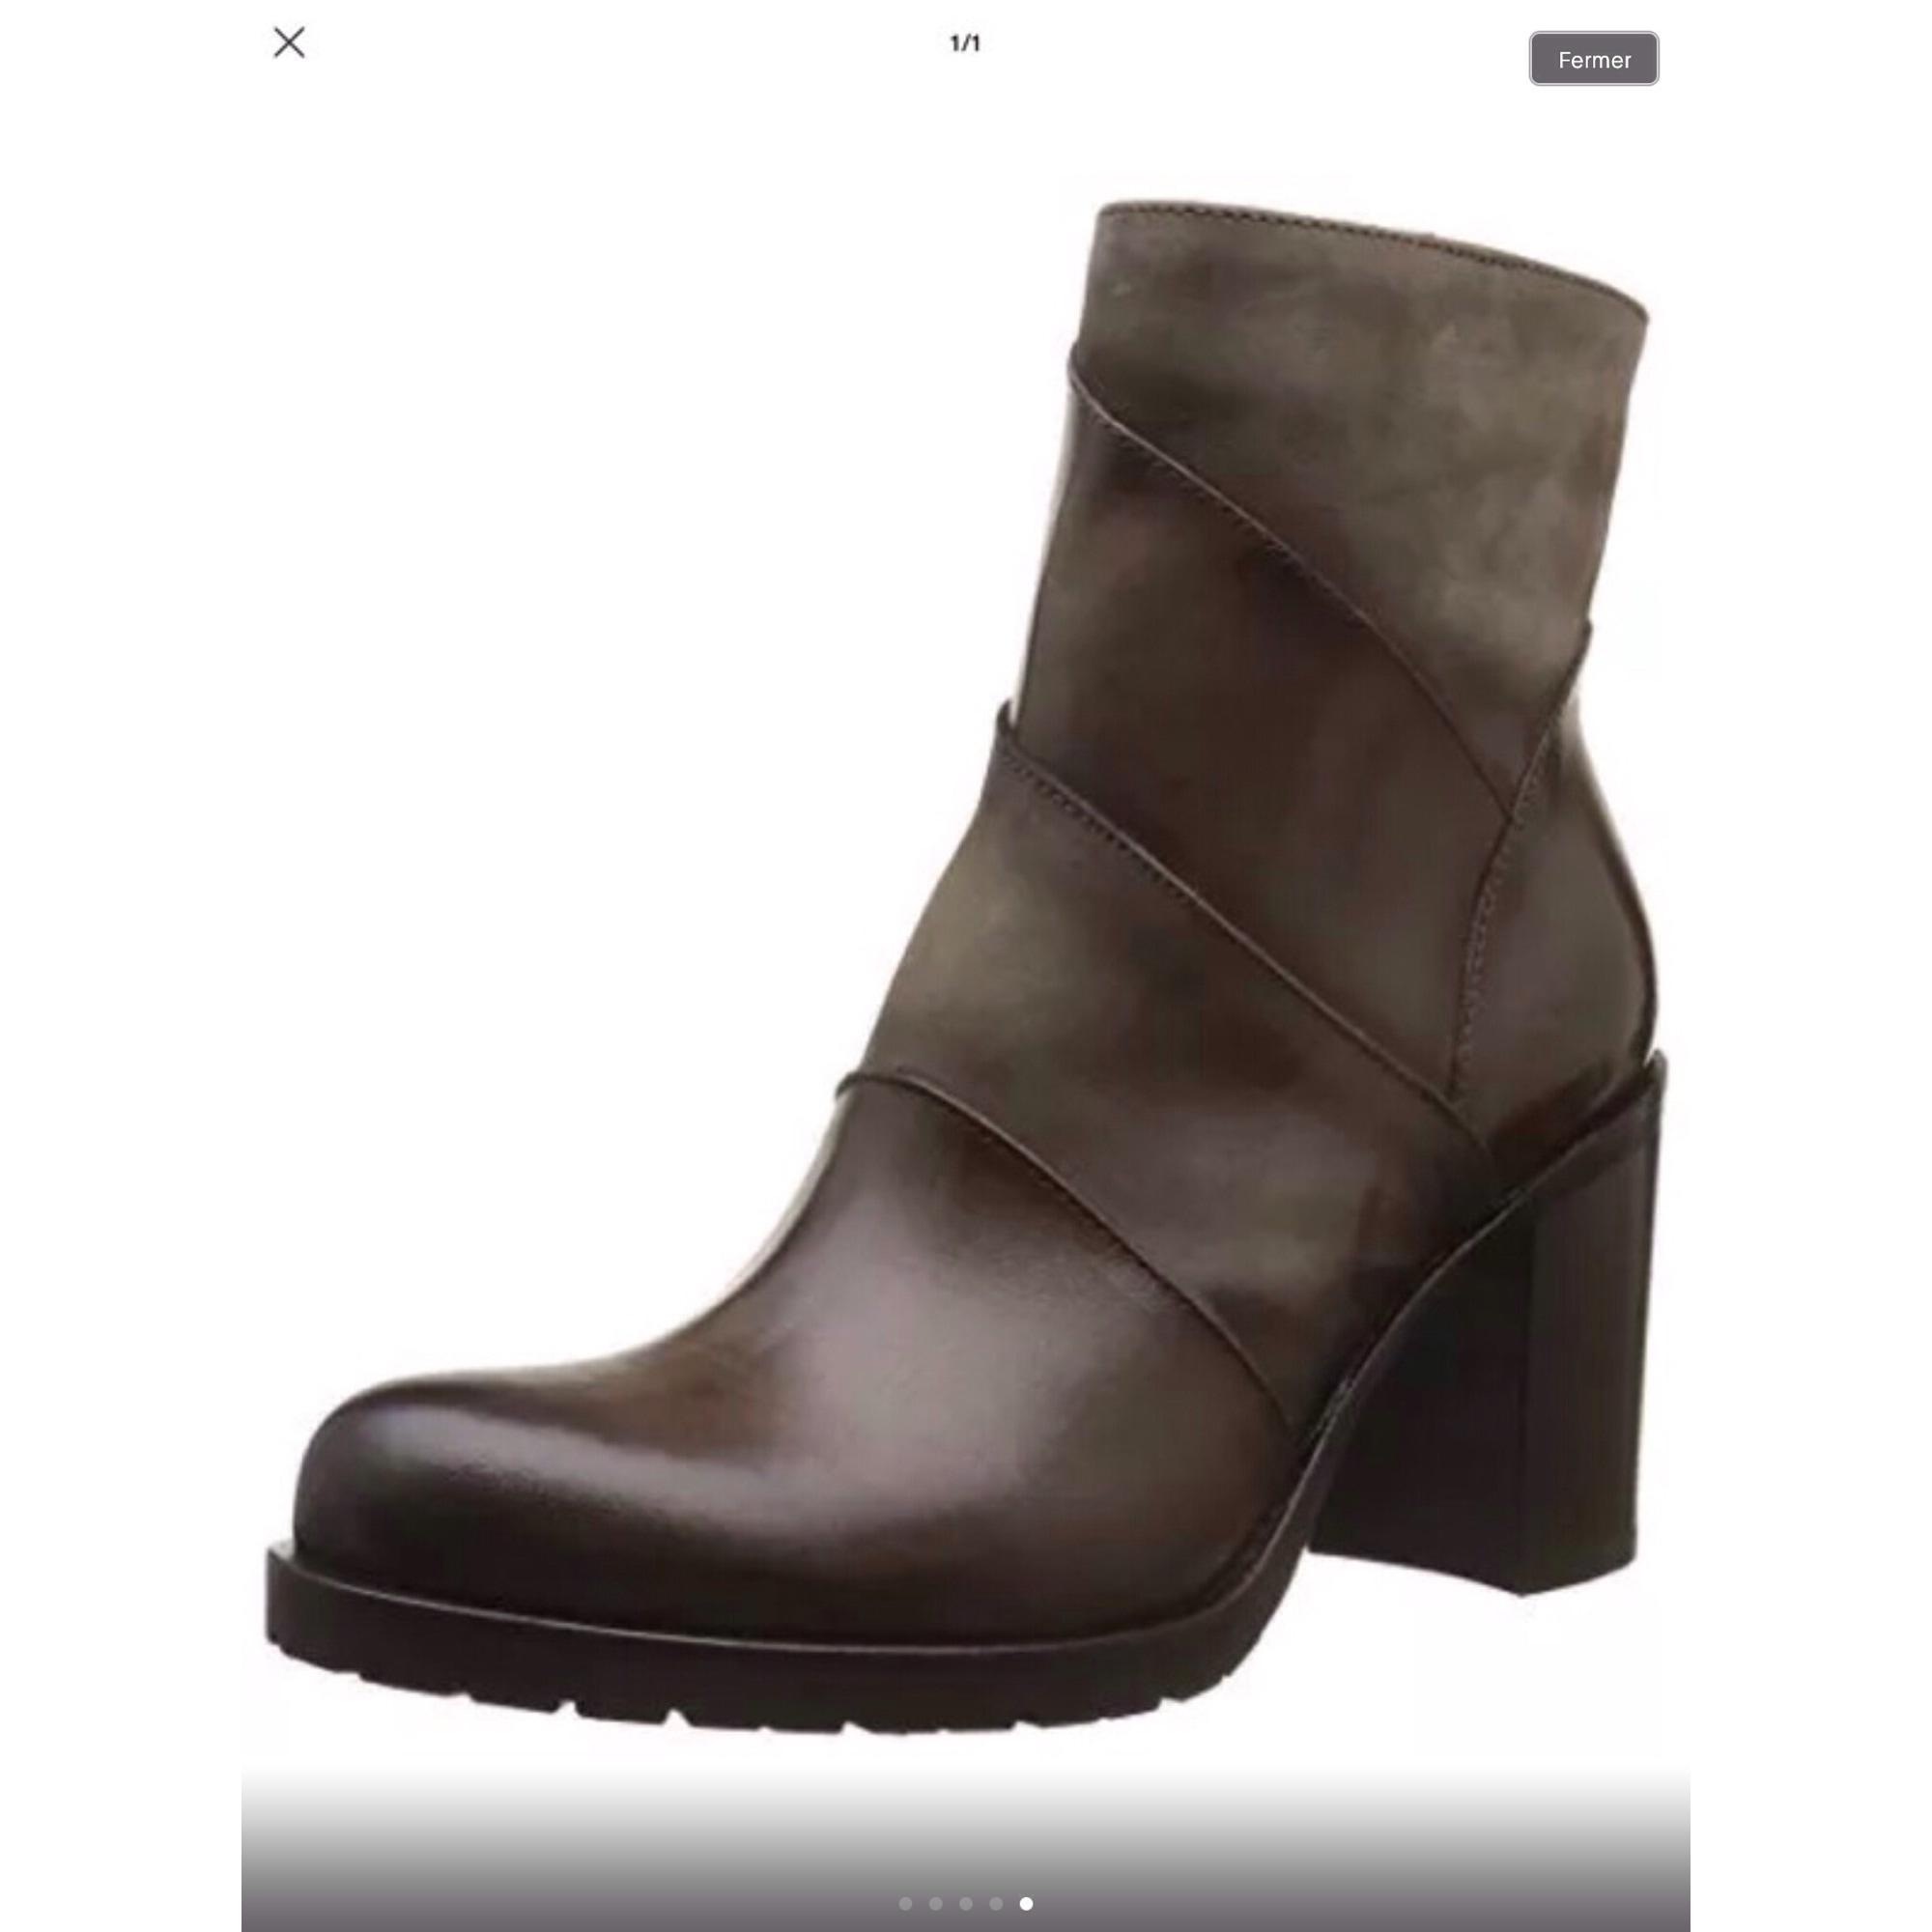 plus récent f9ff4 fe33f Bottines & low boots à talons